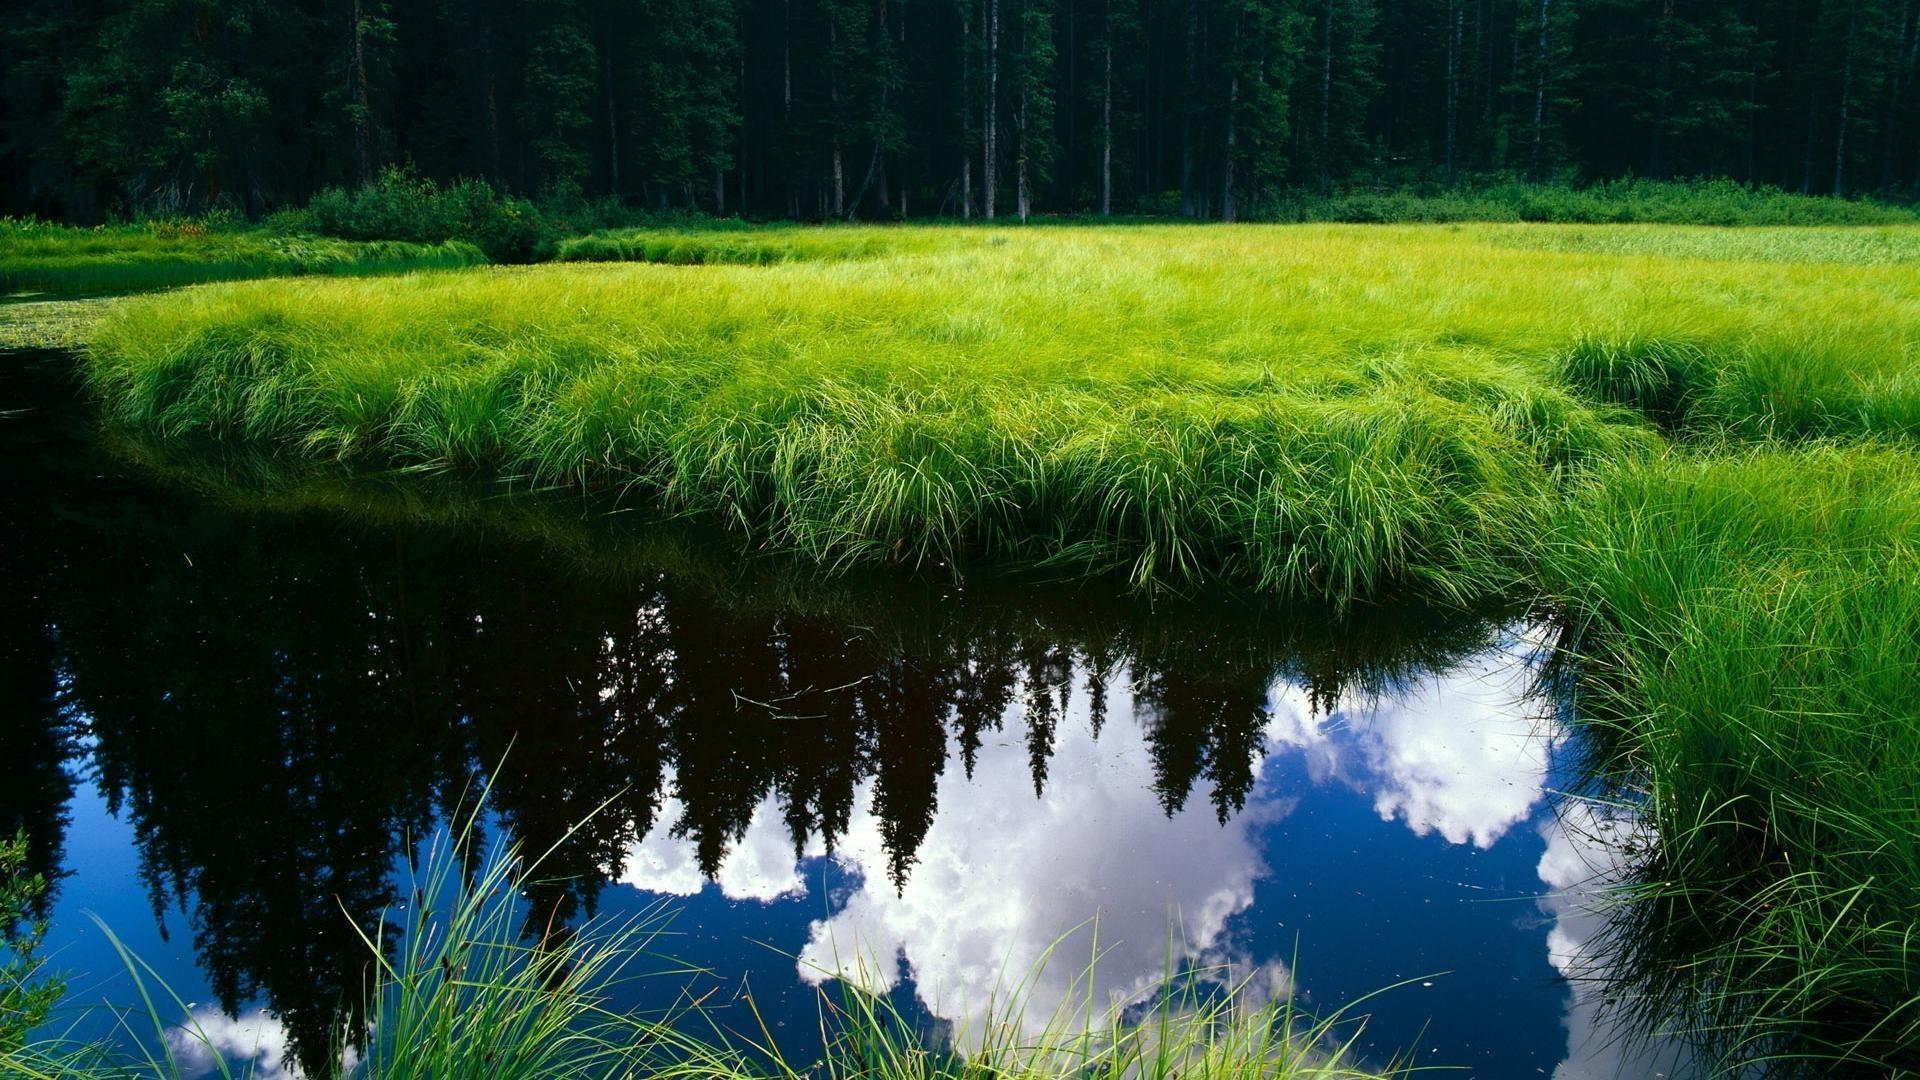 озеро деревья зелень лес лето  № 3246367 бесплатно